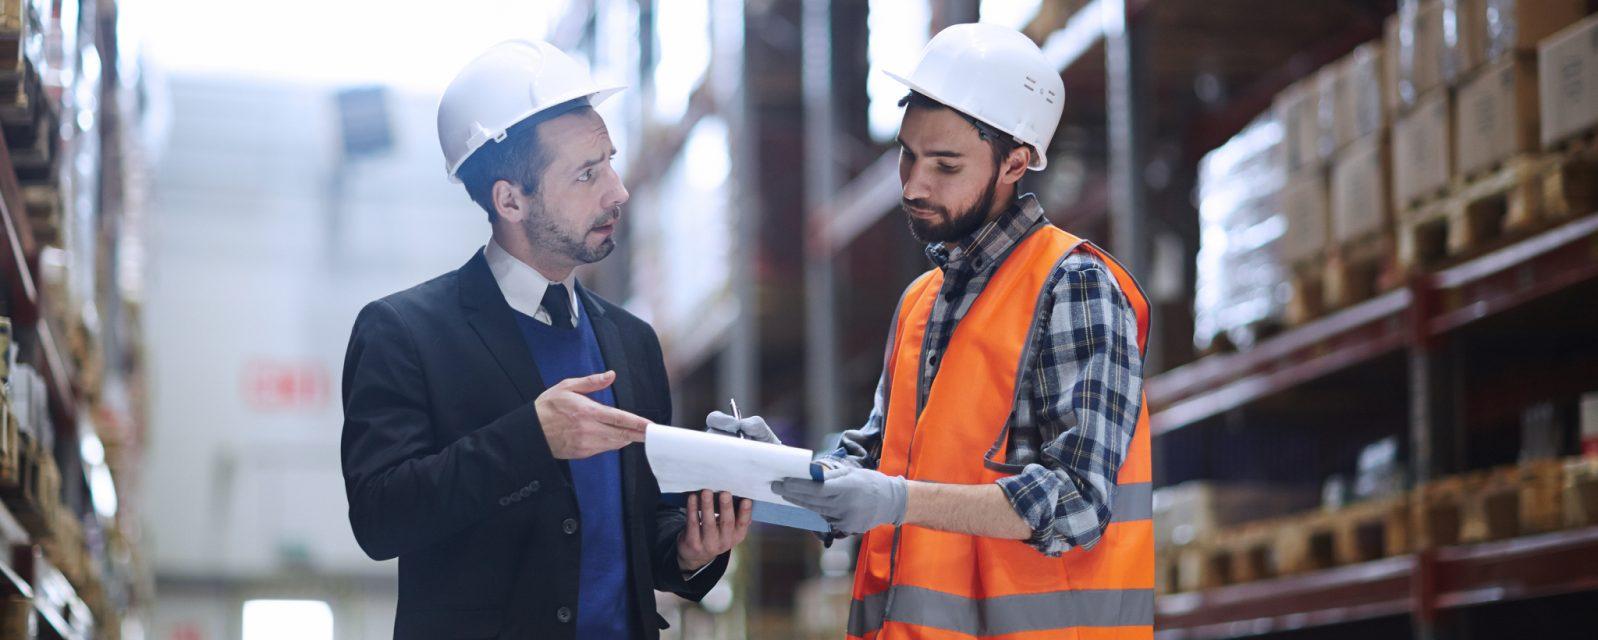 Effiziente und zuverlässige Logistiklösungen aus einer Hand